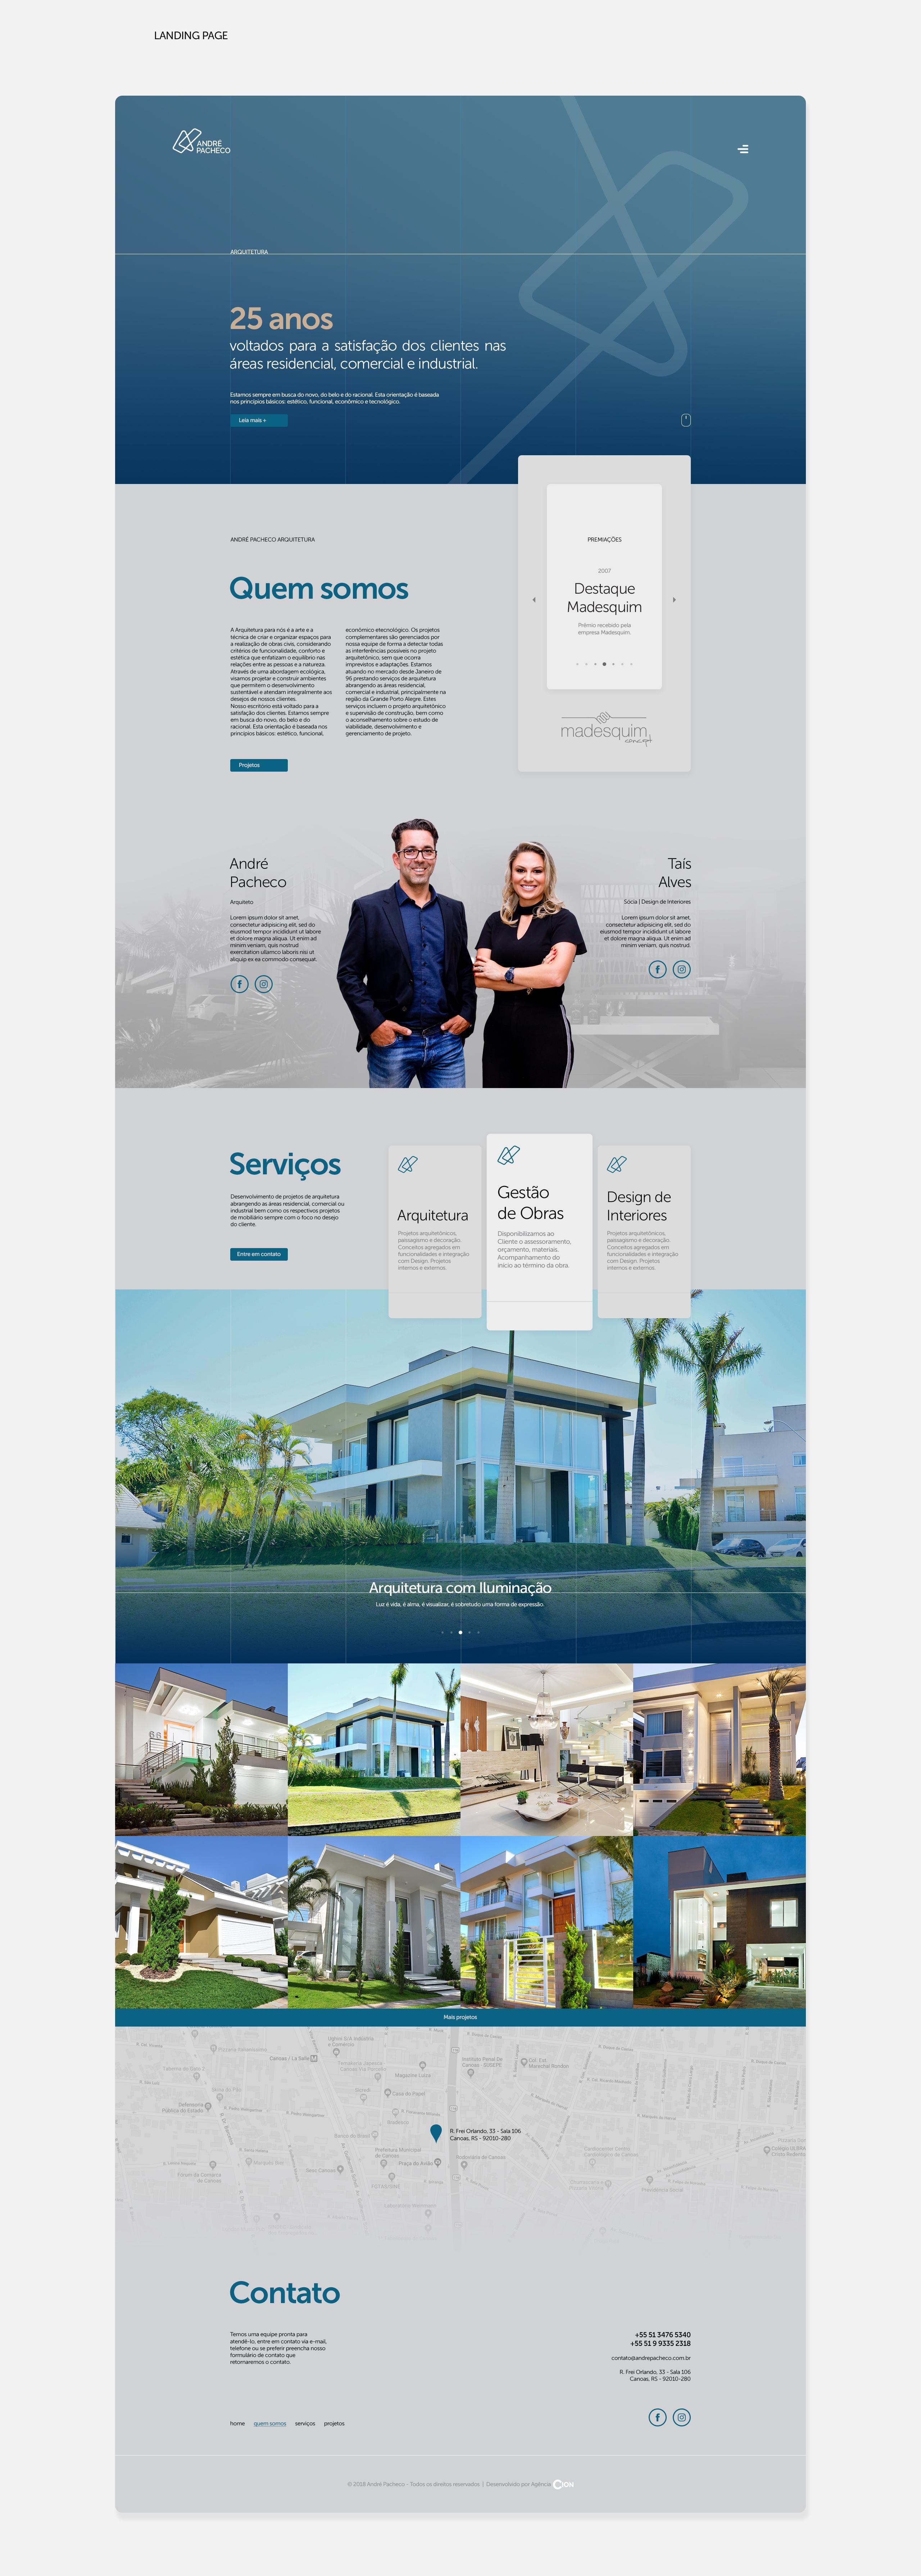 Website André Pacheco